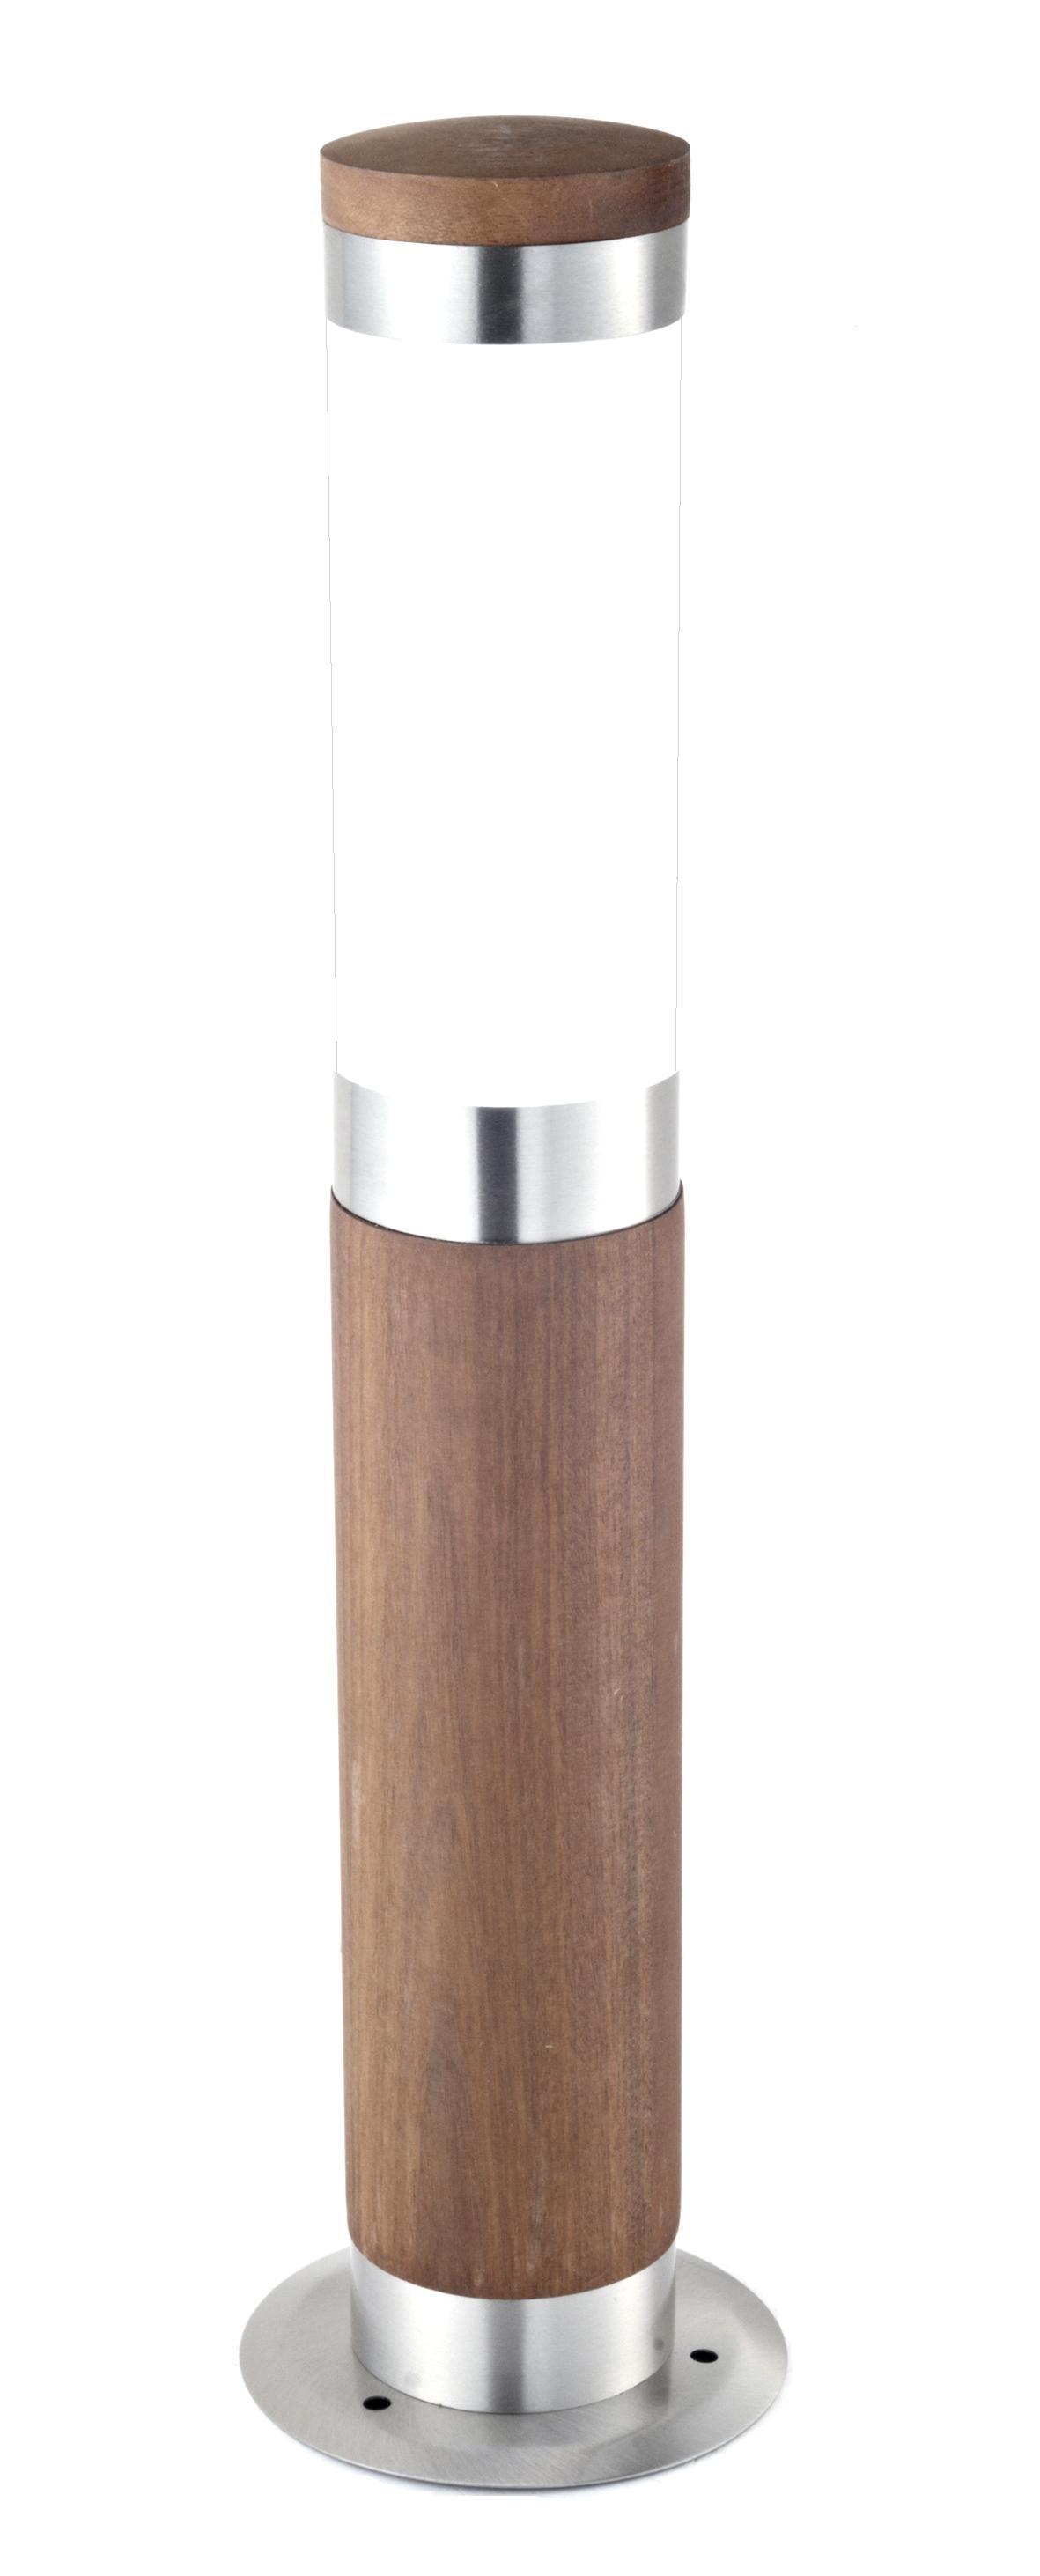 Купить со скидкой Светильник уличный Duewi Stelo wood 50 см